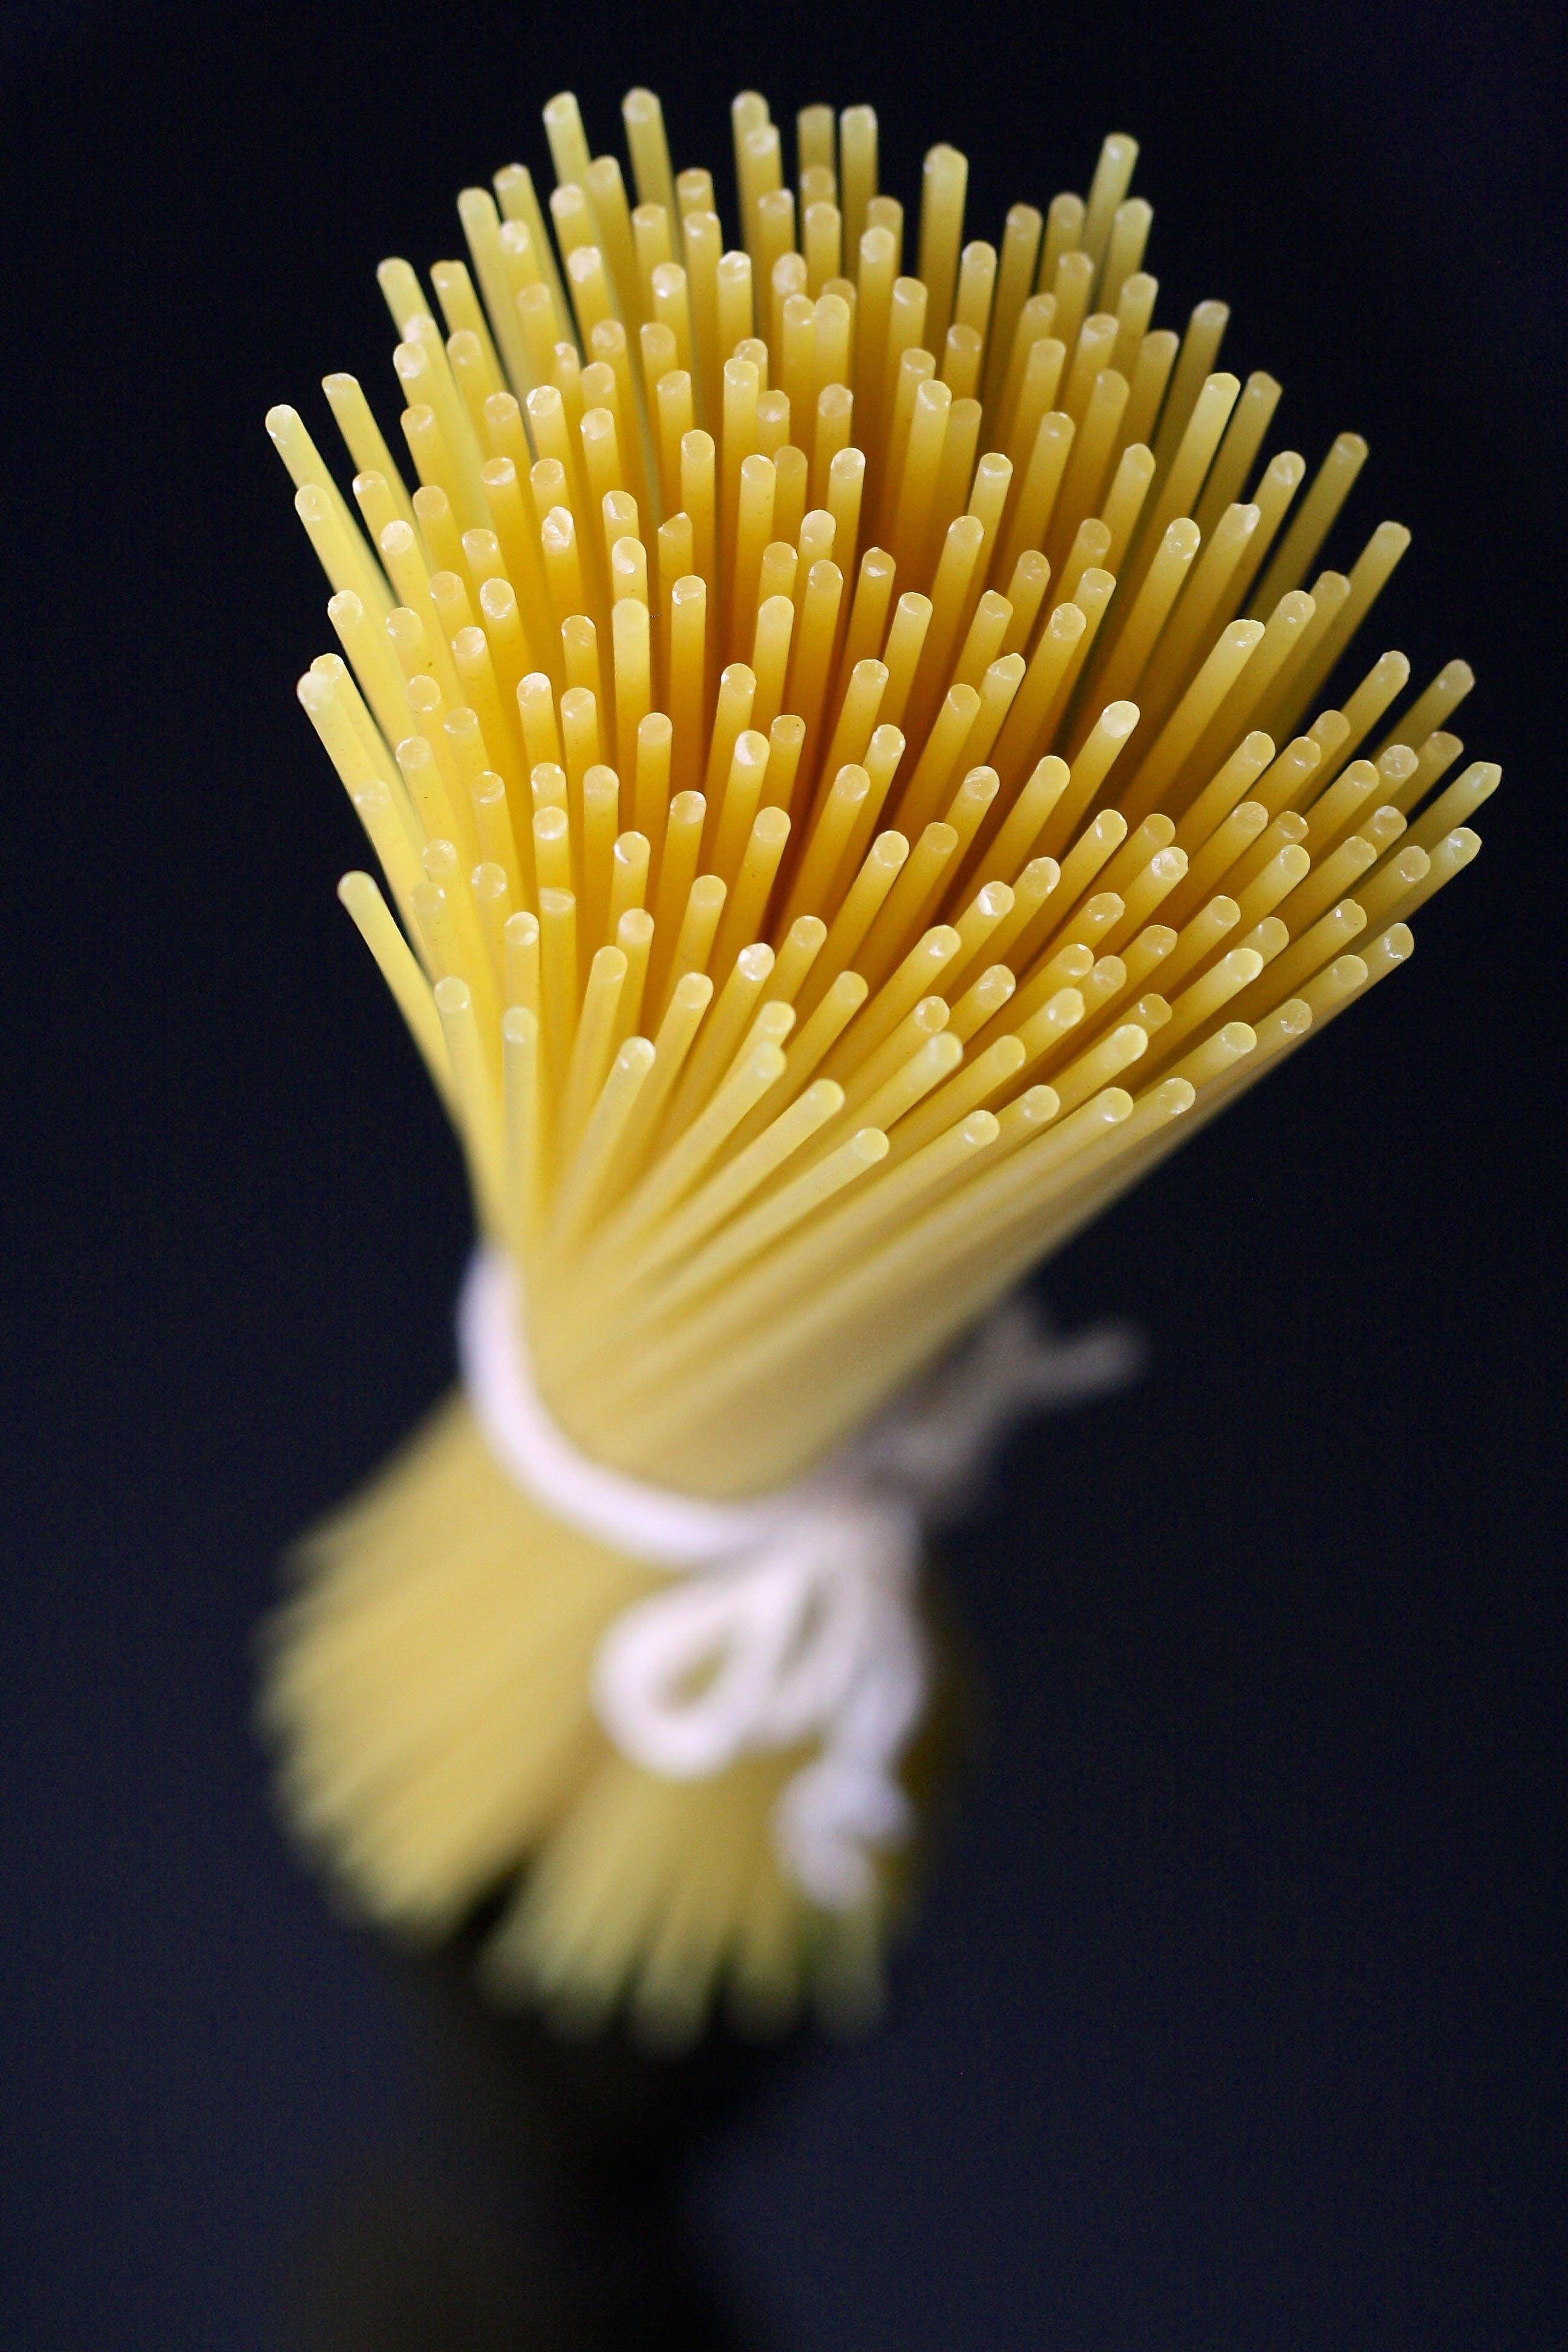 Kostenloses Stock Foto zu essen, italienisch, kohlenhydrat, nahansicht